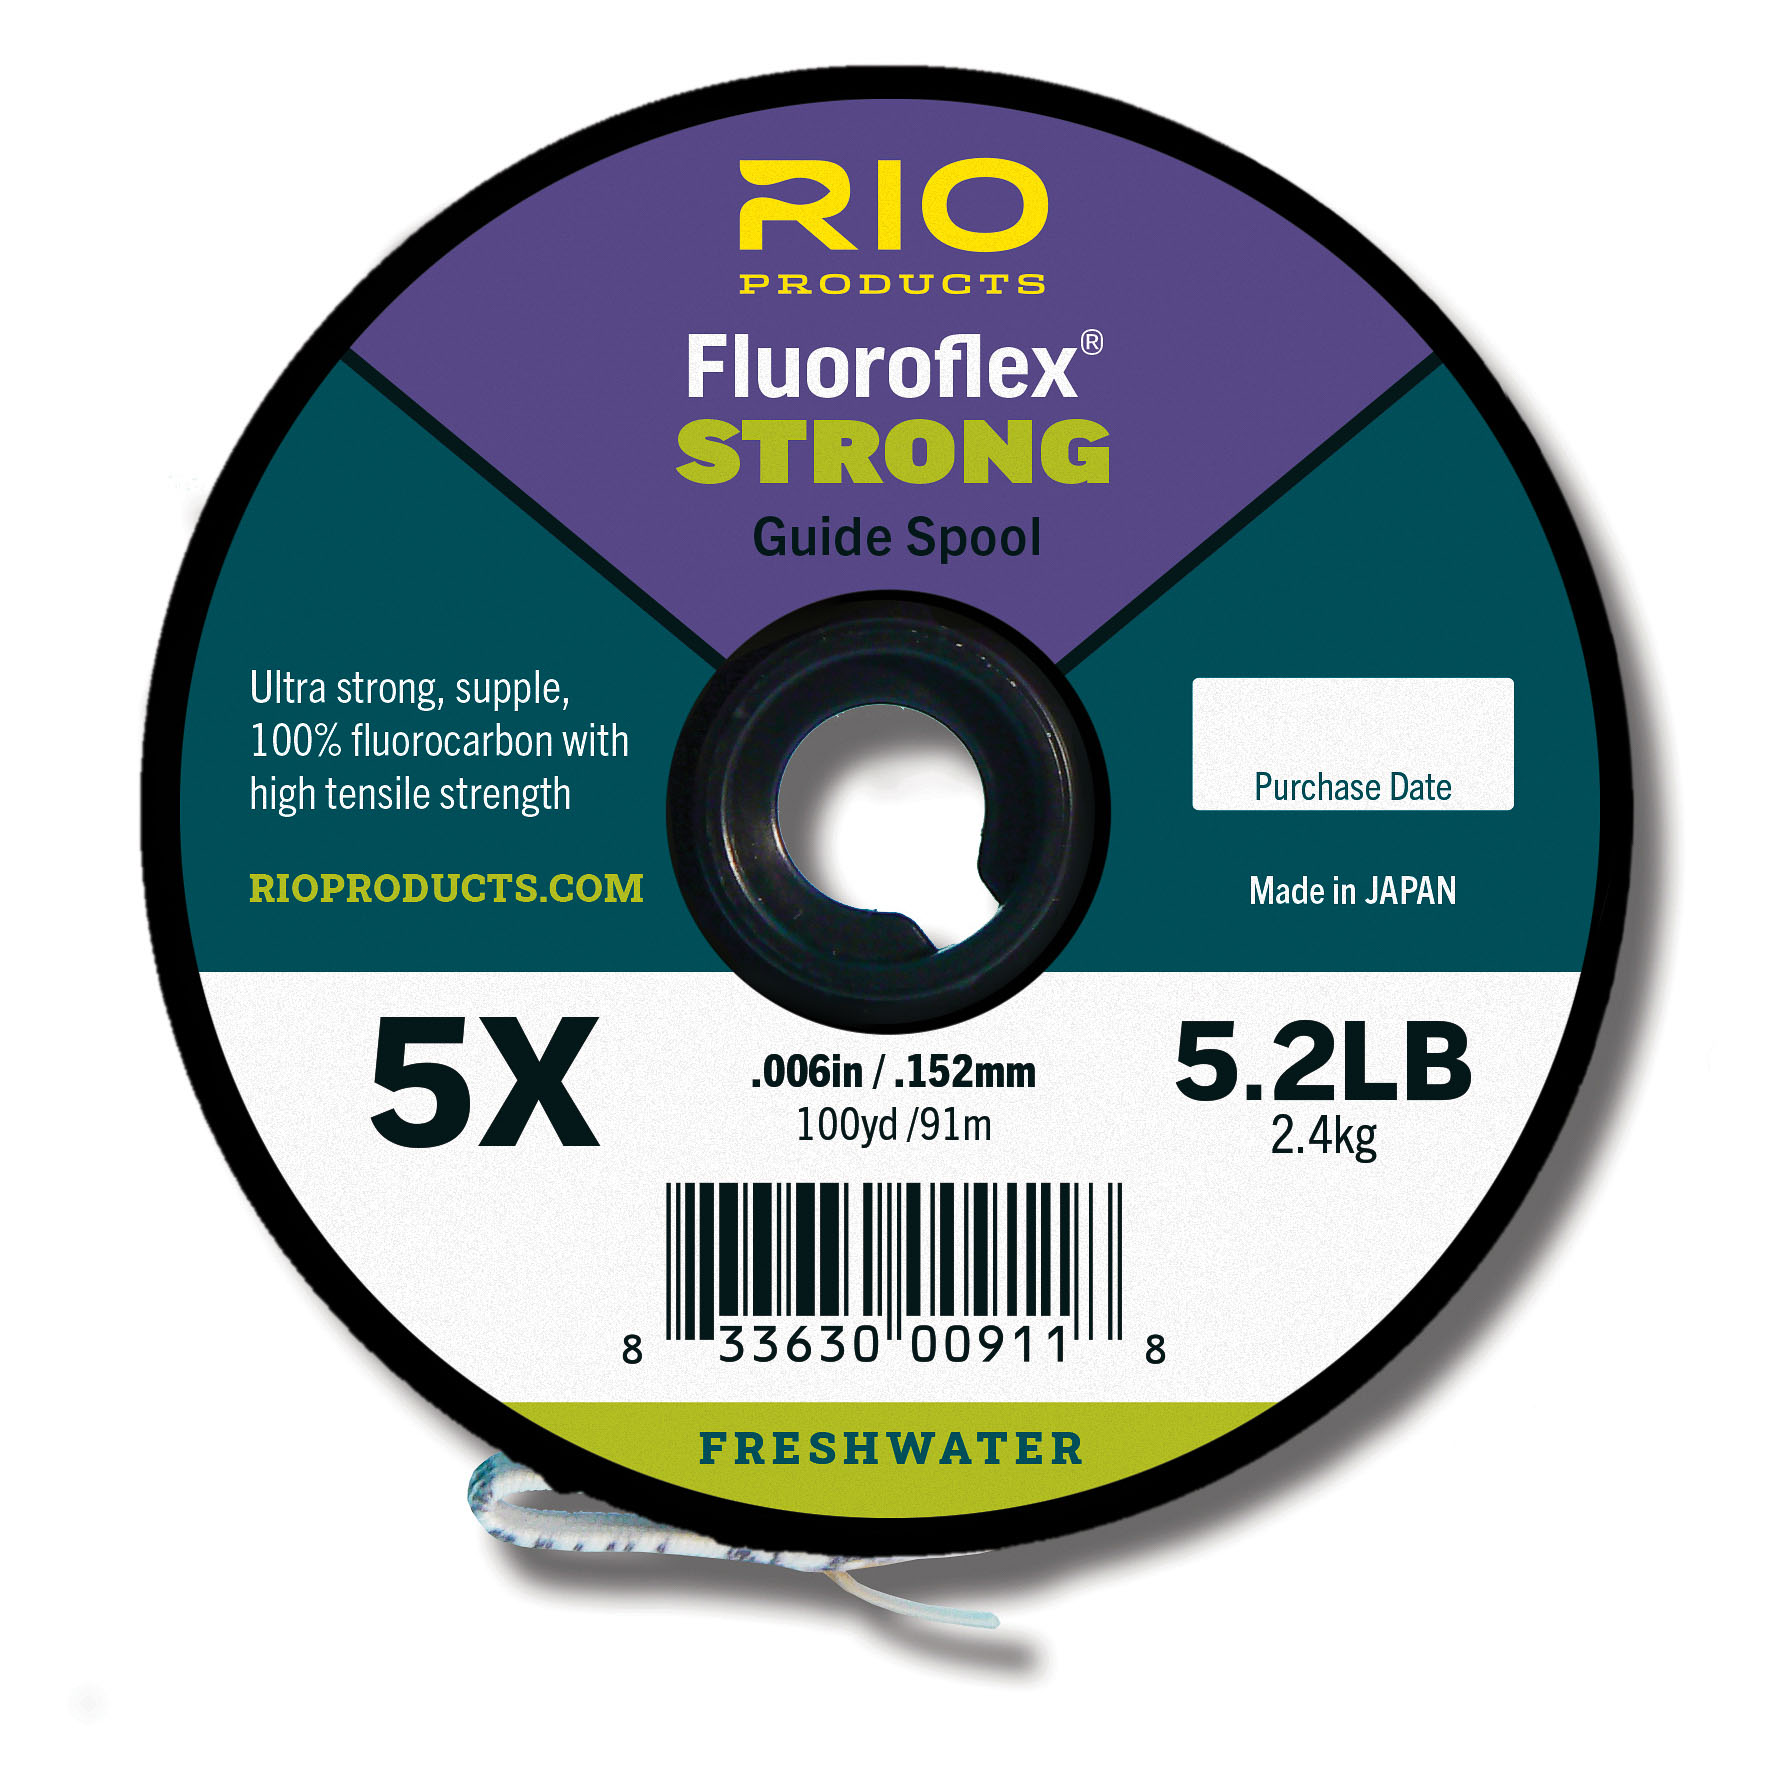 RIO Fluoroflex Strong Guide Spool